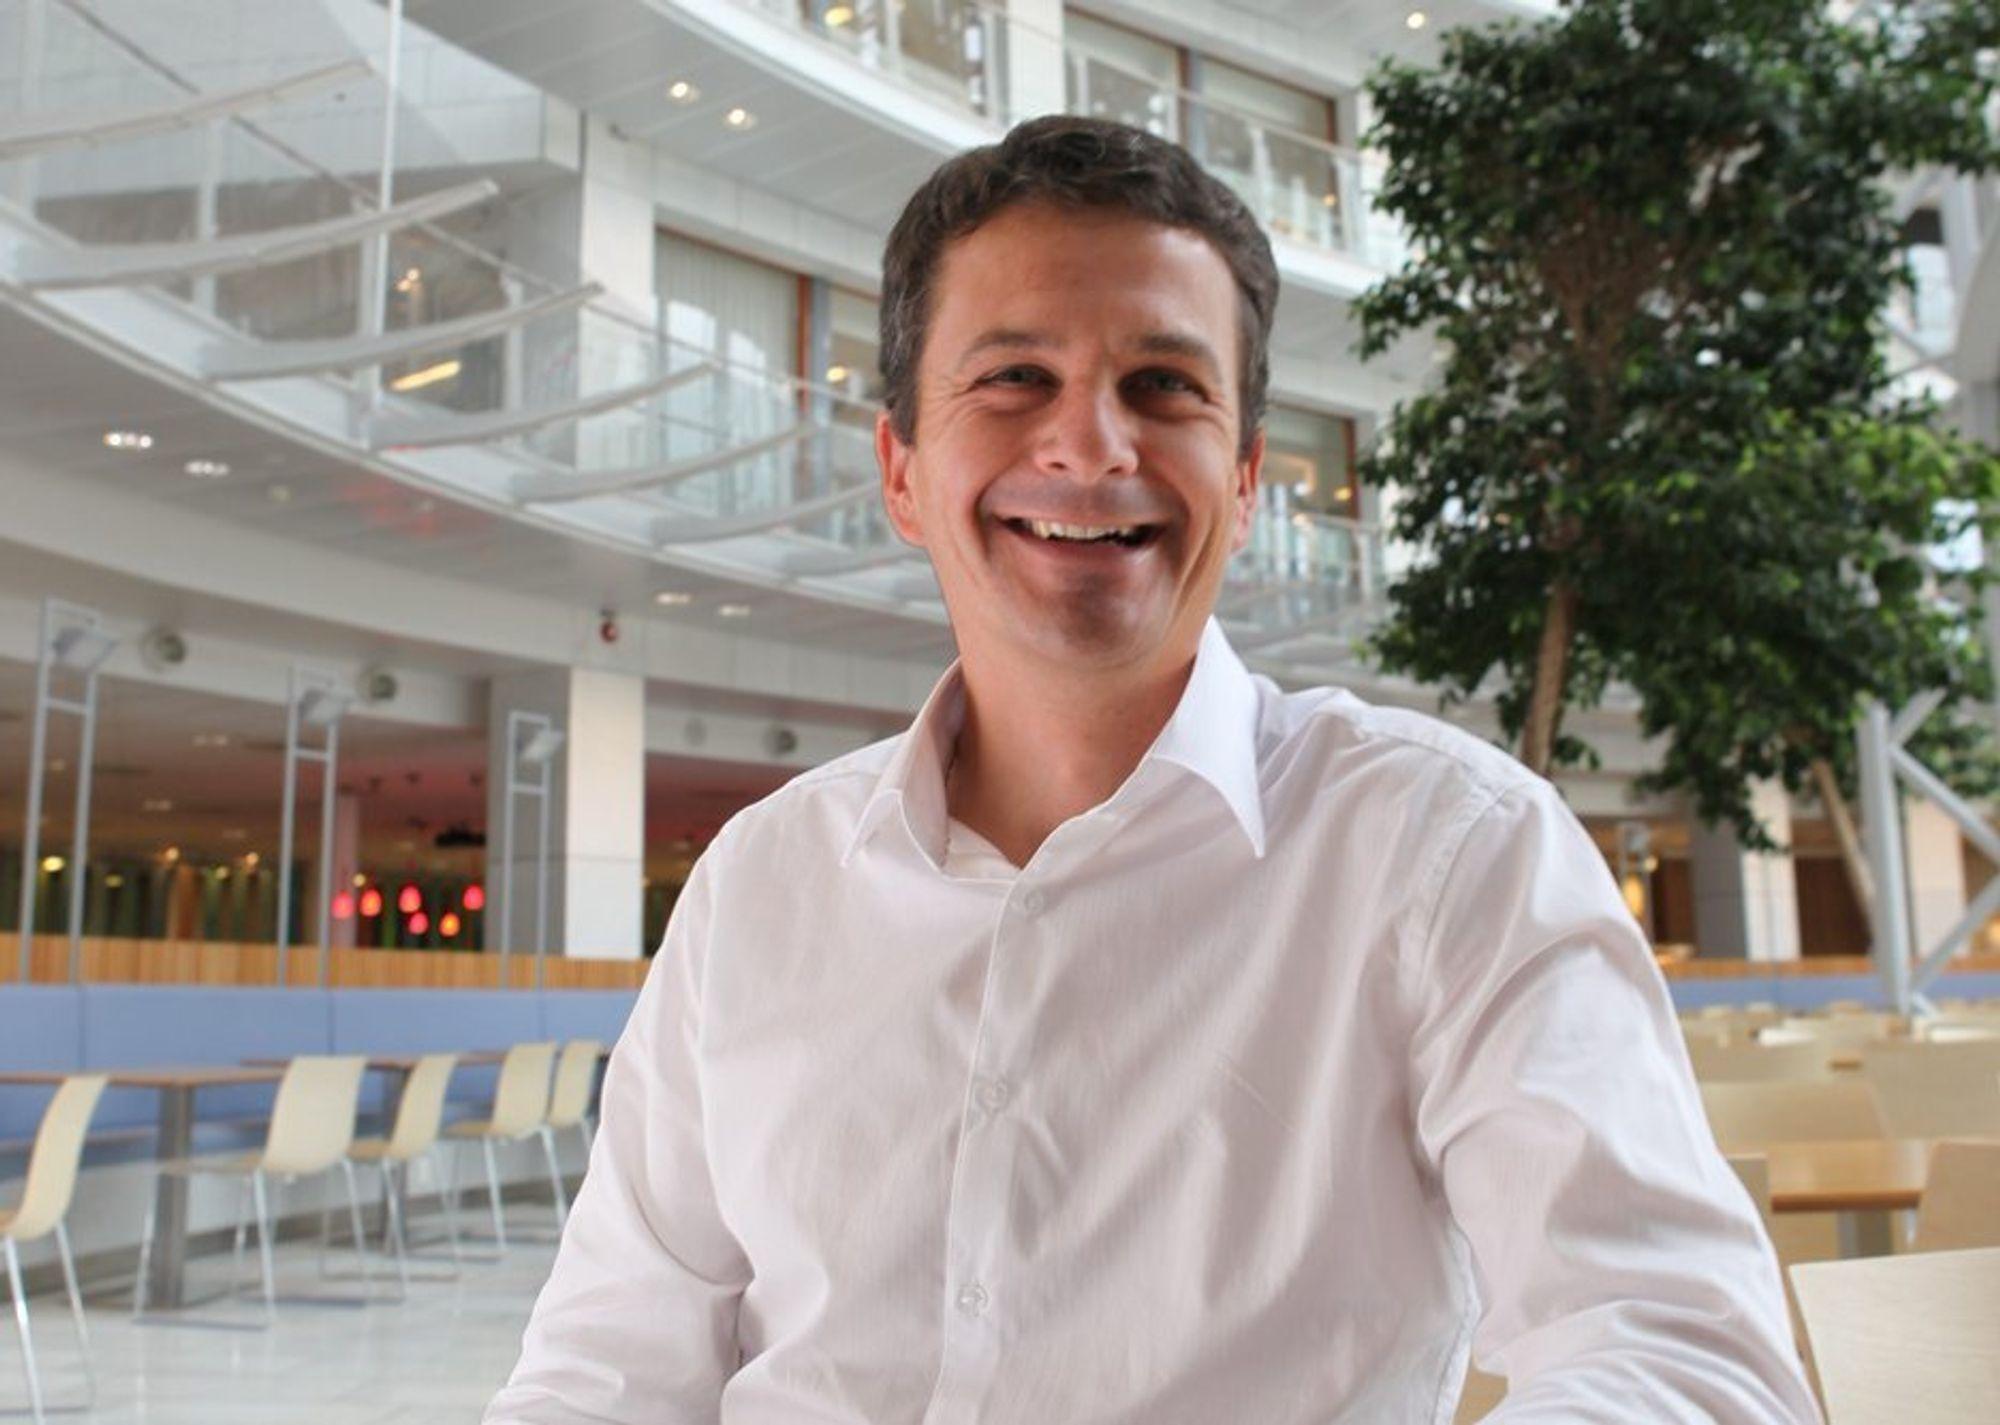 GOD LØSNING: David Brown jobbet nesten 20 år med elbilutvikling i Think før han gikk over til oljeindustrien. I dag jobber han hos Aker Solutions.